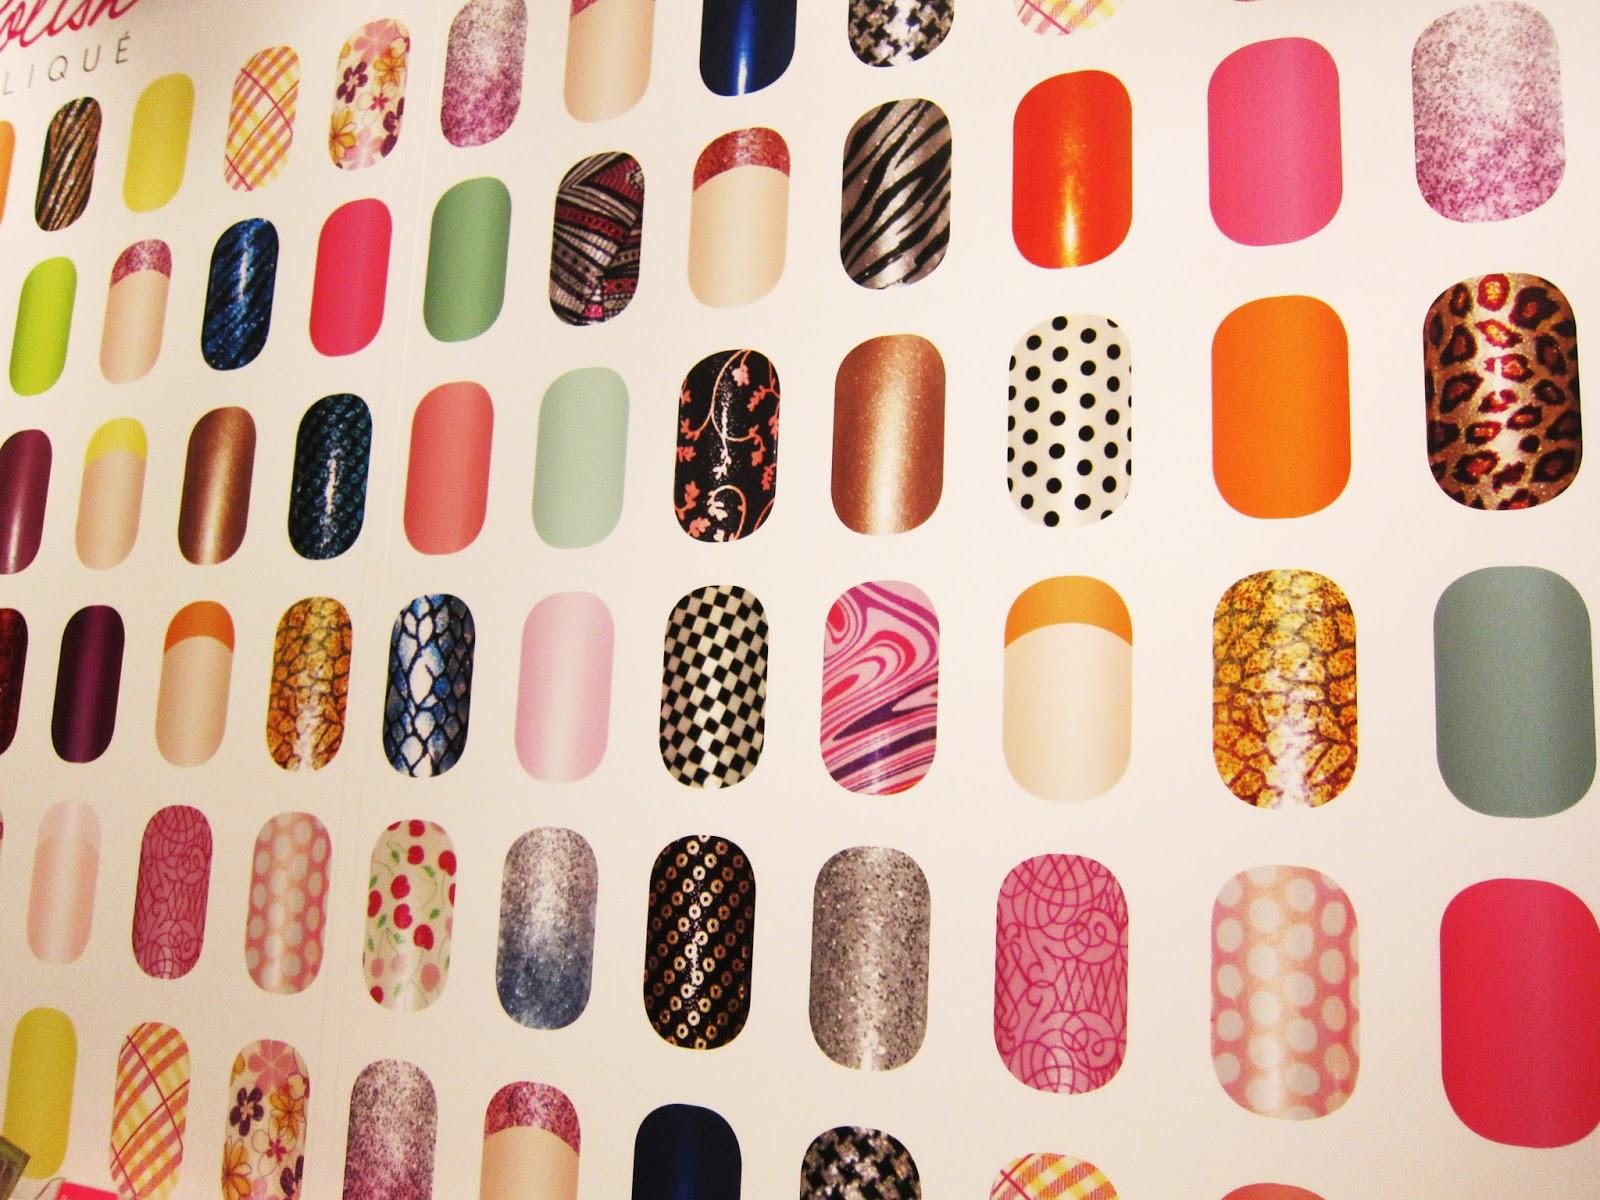 Incoco nails - Samantha Mariko